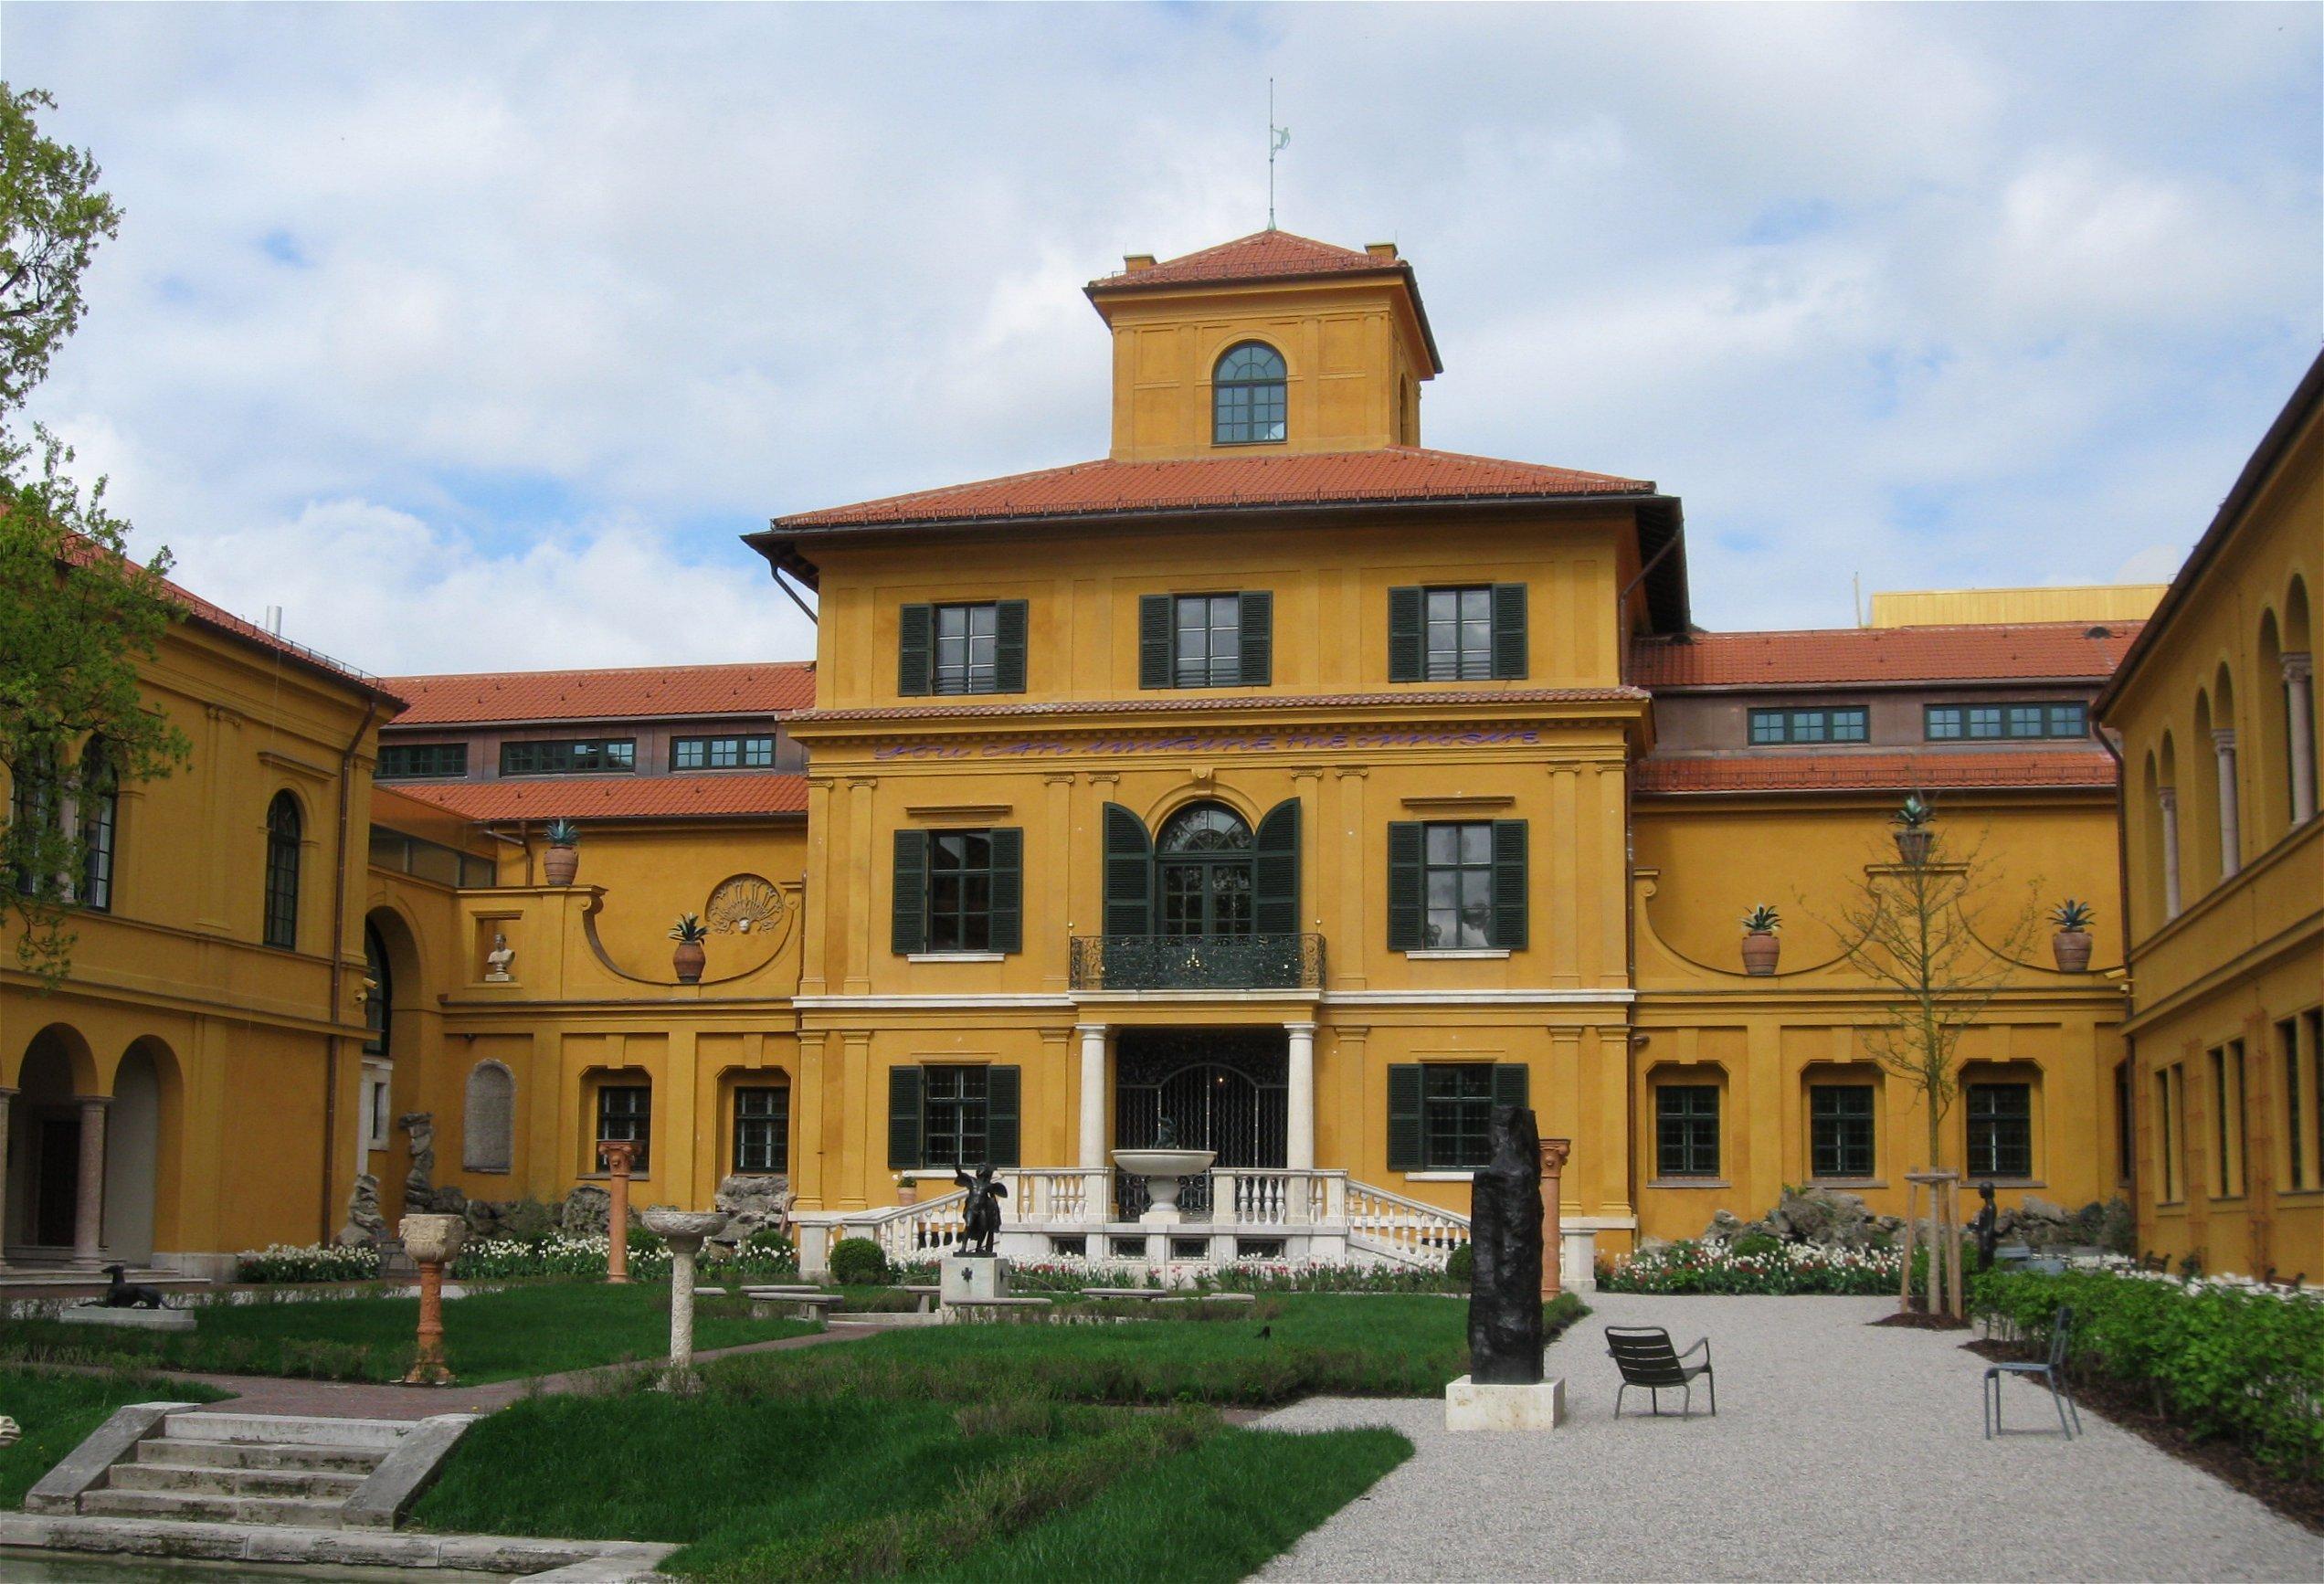 8- The Lenbach Villa (Lenbachhaus Museum)